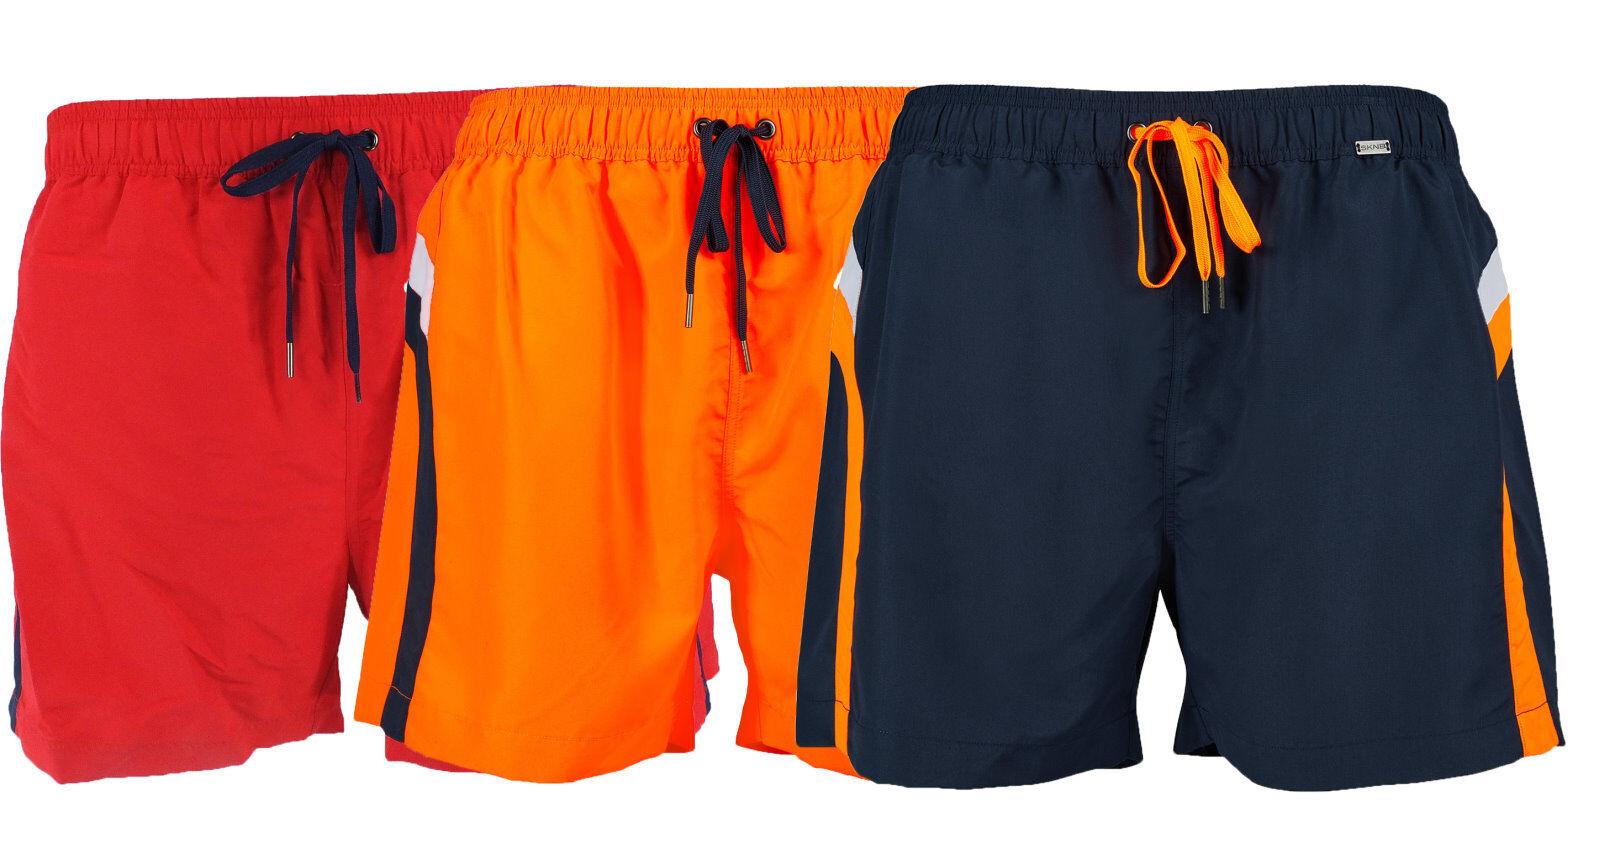 Skiny Men's Swimshorts Swimming Trunks Shorts Red bluee or orange 86096